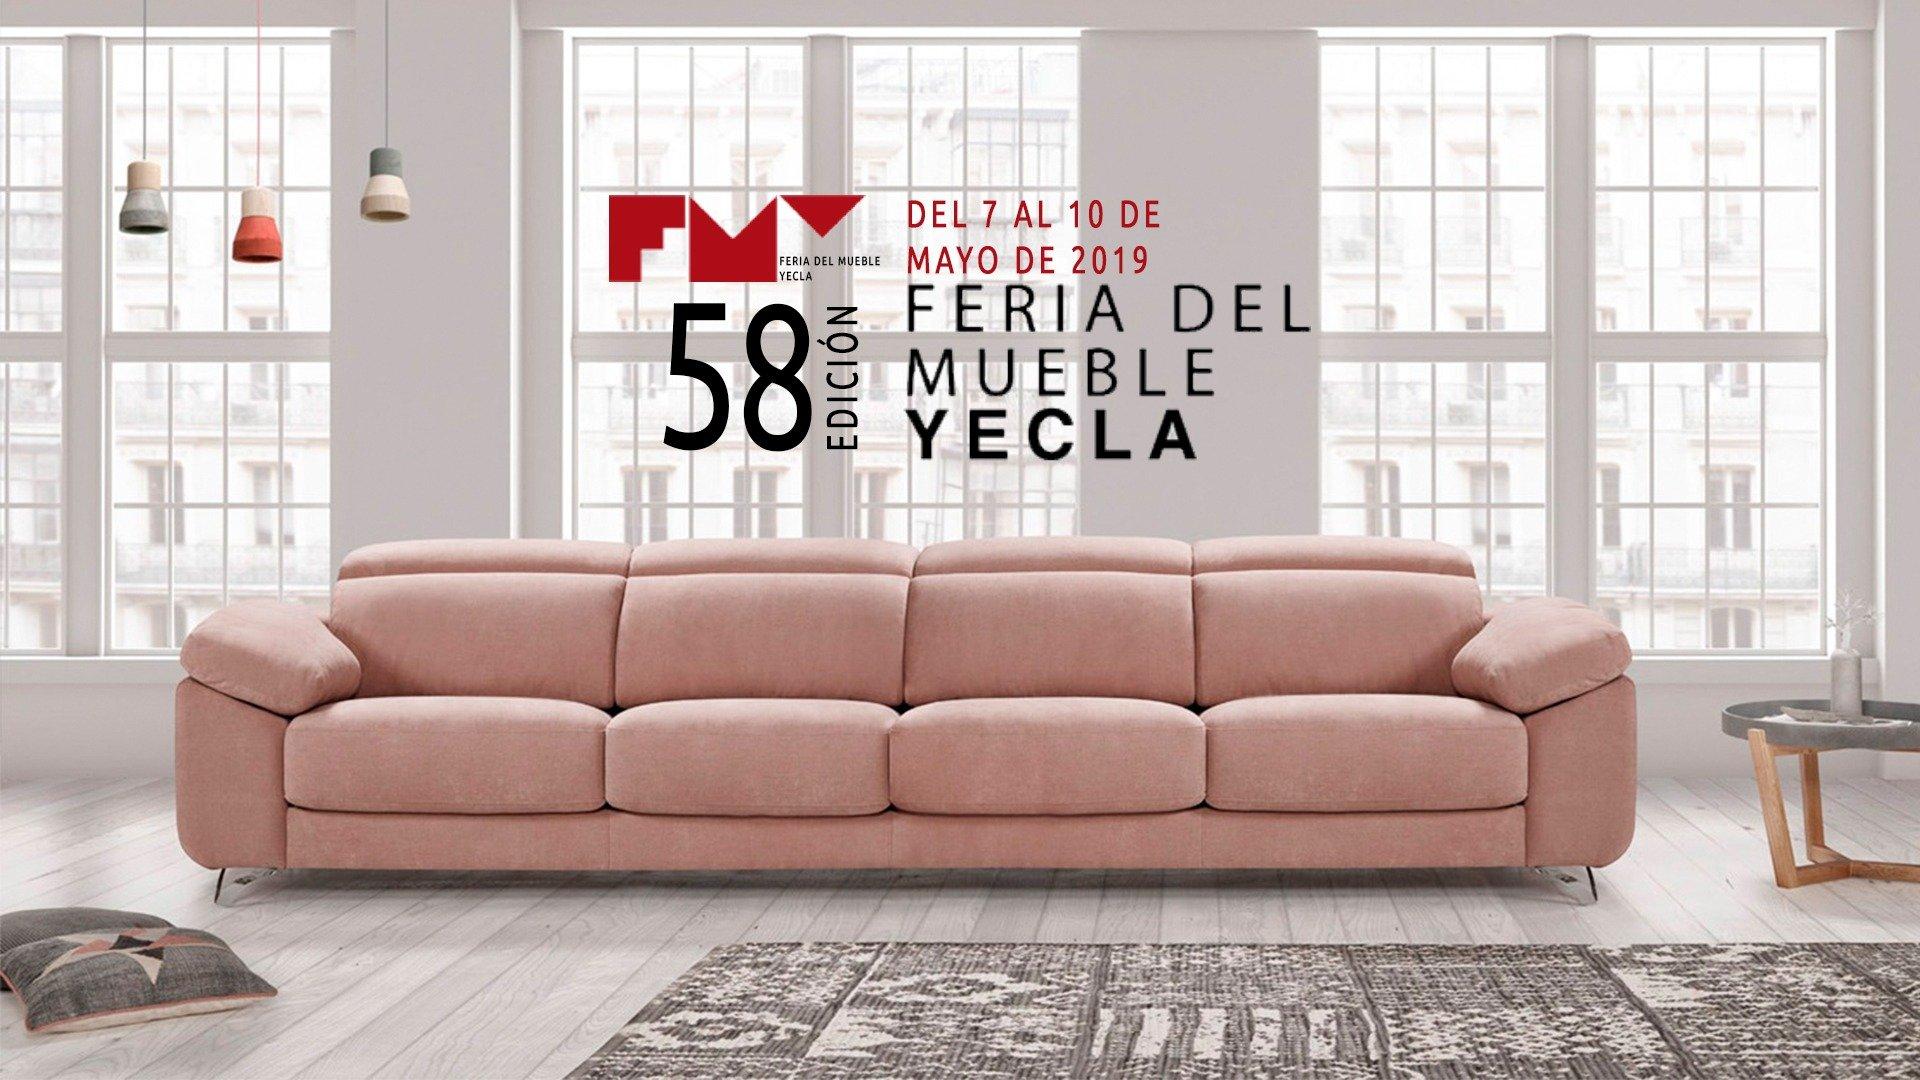 feria de mueble yecla 2019